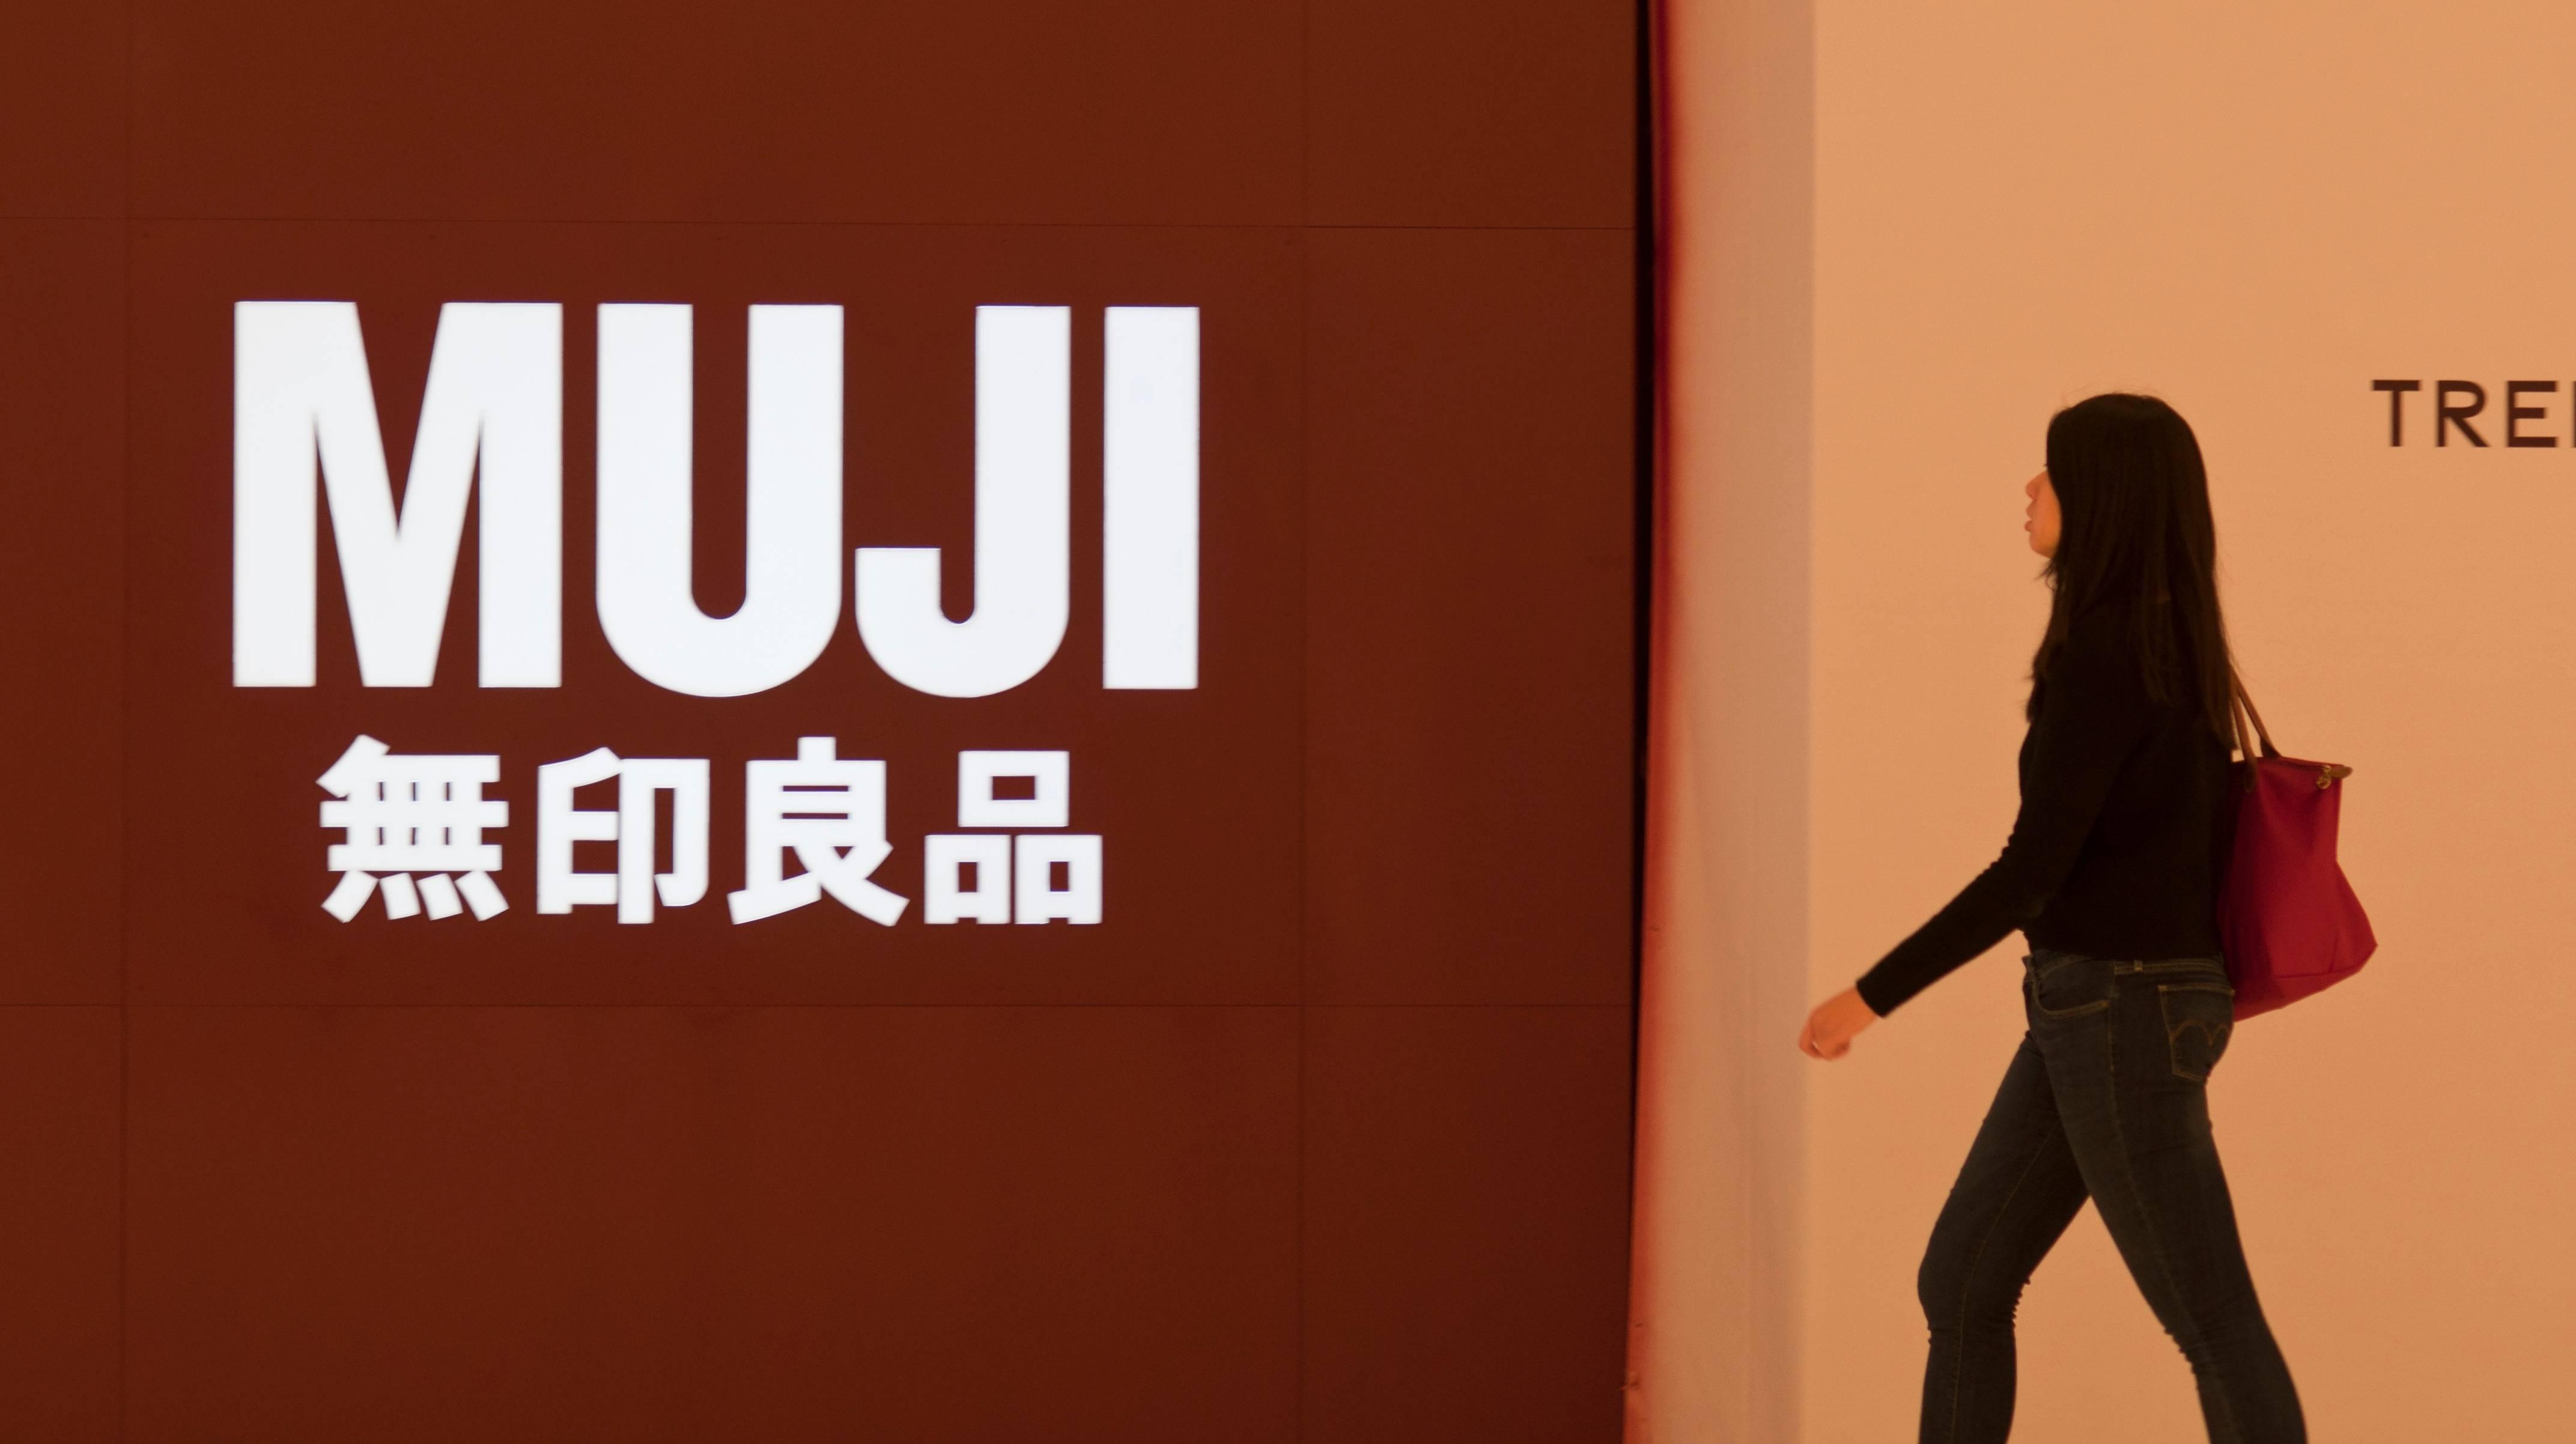 全球零售业现破产潮:无印良品美国子公司负债67亿日元,布鲁克斯兄弟曾为40位总统提供服装